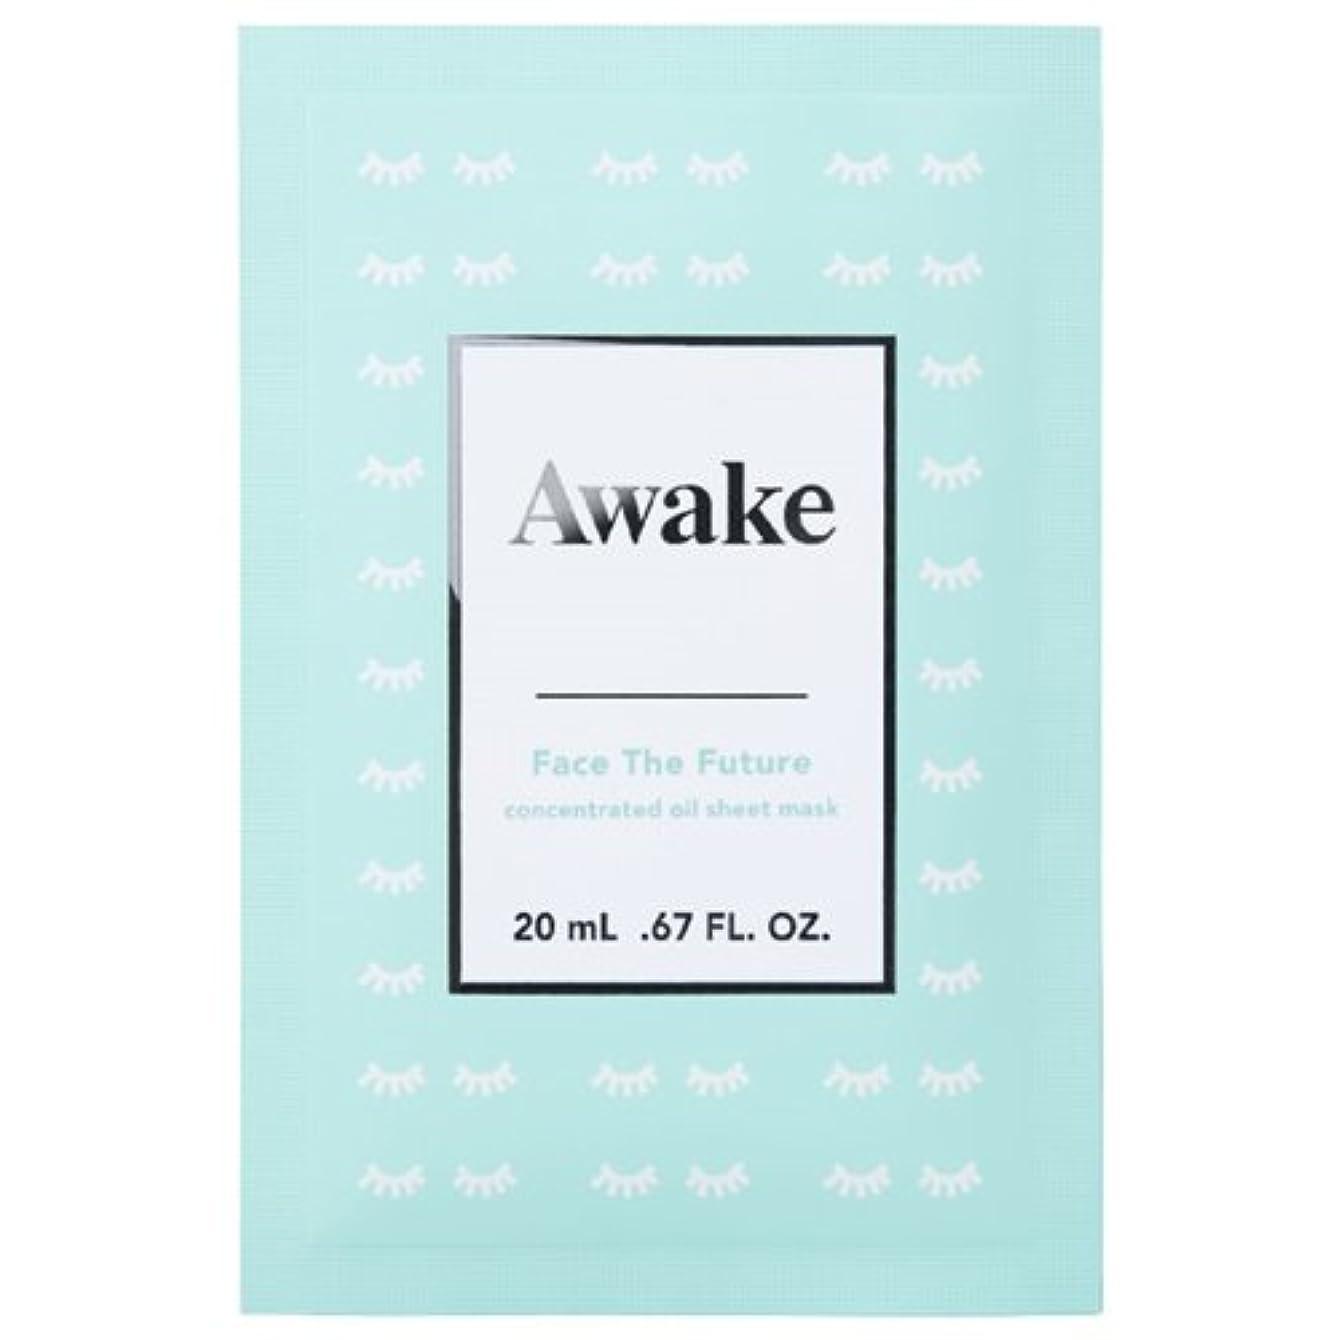 空中閲覧する三番アウェイク(AWAKE) Awake(アウェイク) フェイスザフューチャー コンセントレイティッド オイルシートマスク (20mL × 6枚入)